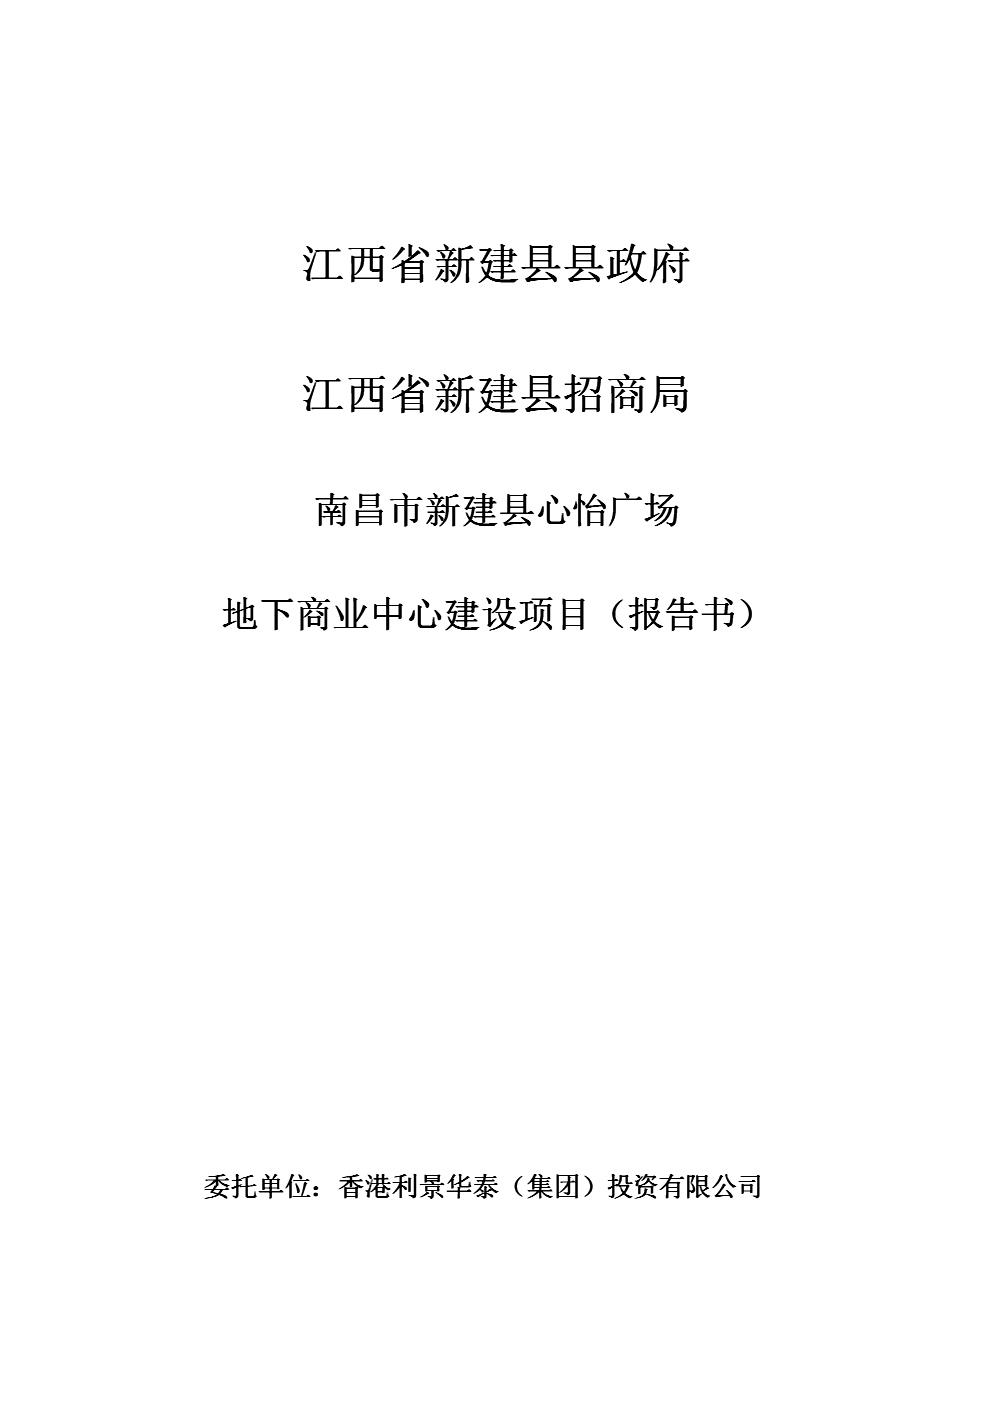 南昌市新建县心怡广场地下商业中心建设项目(报告书).doc